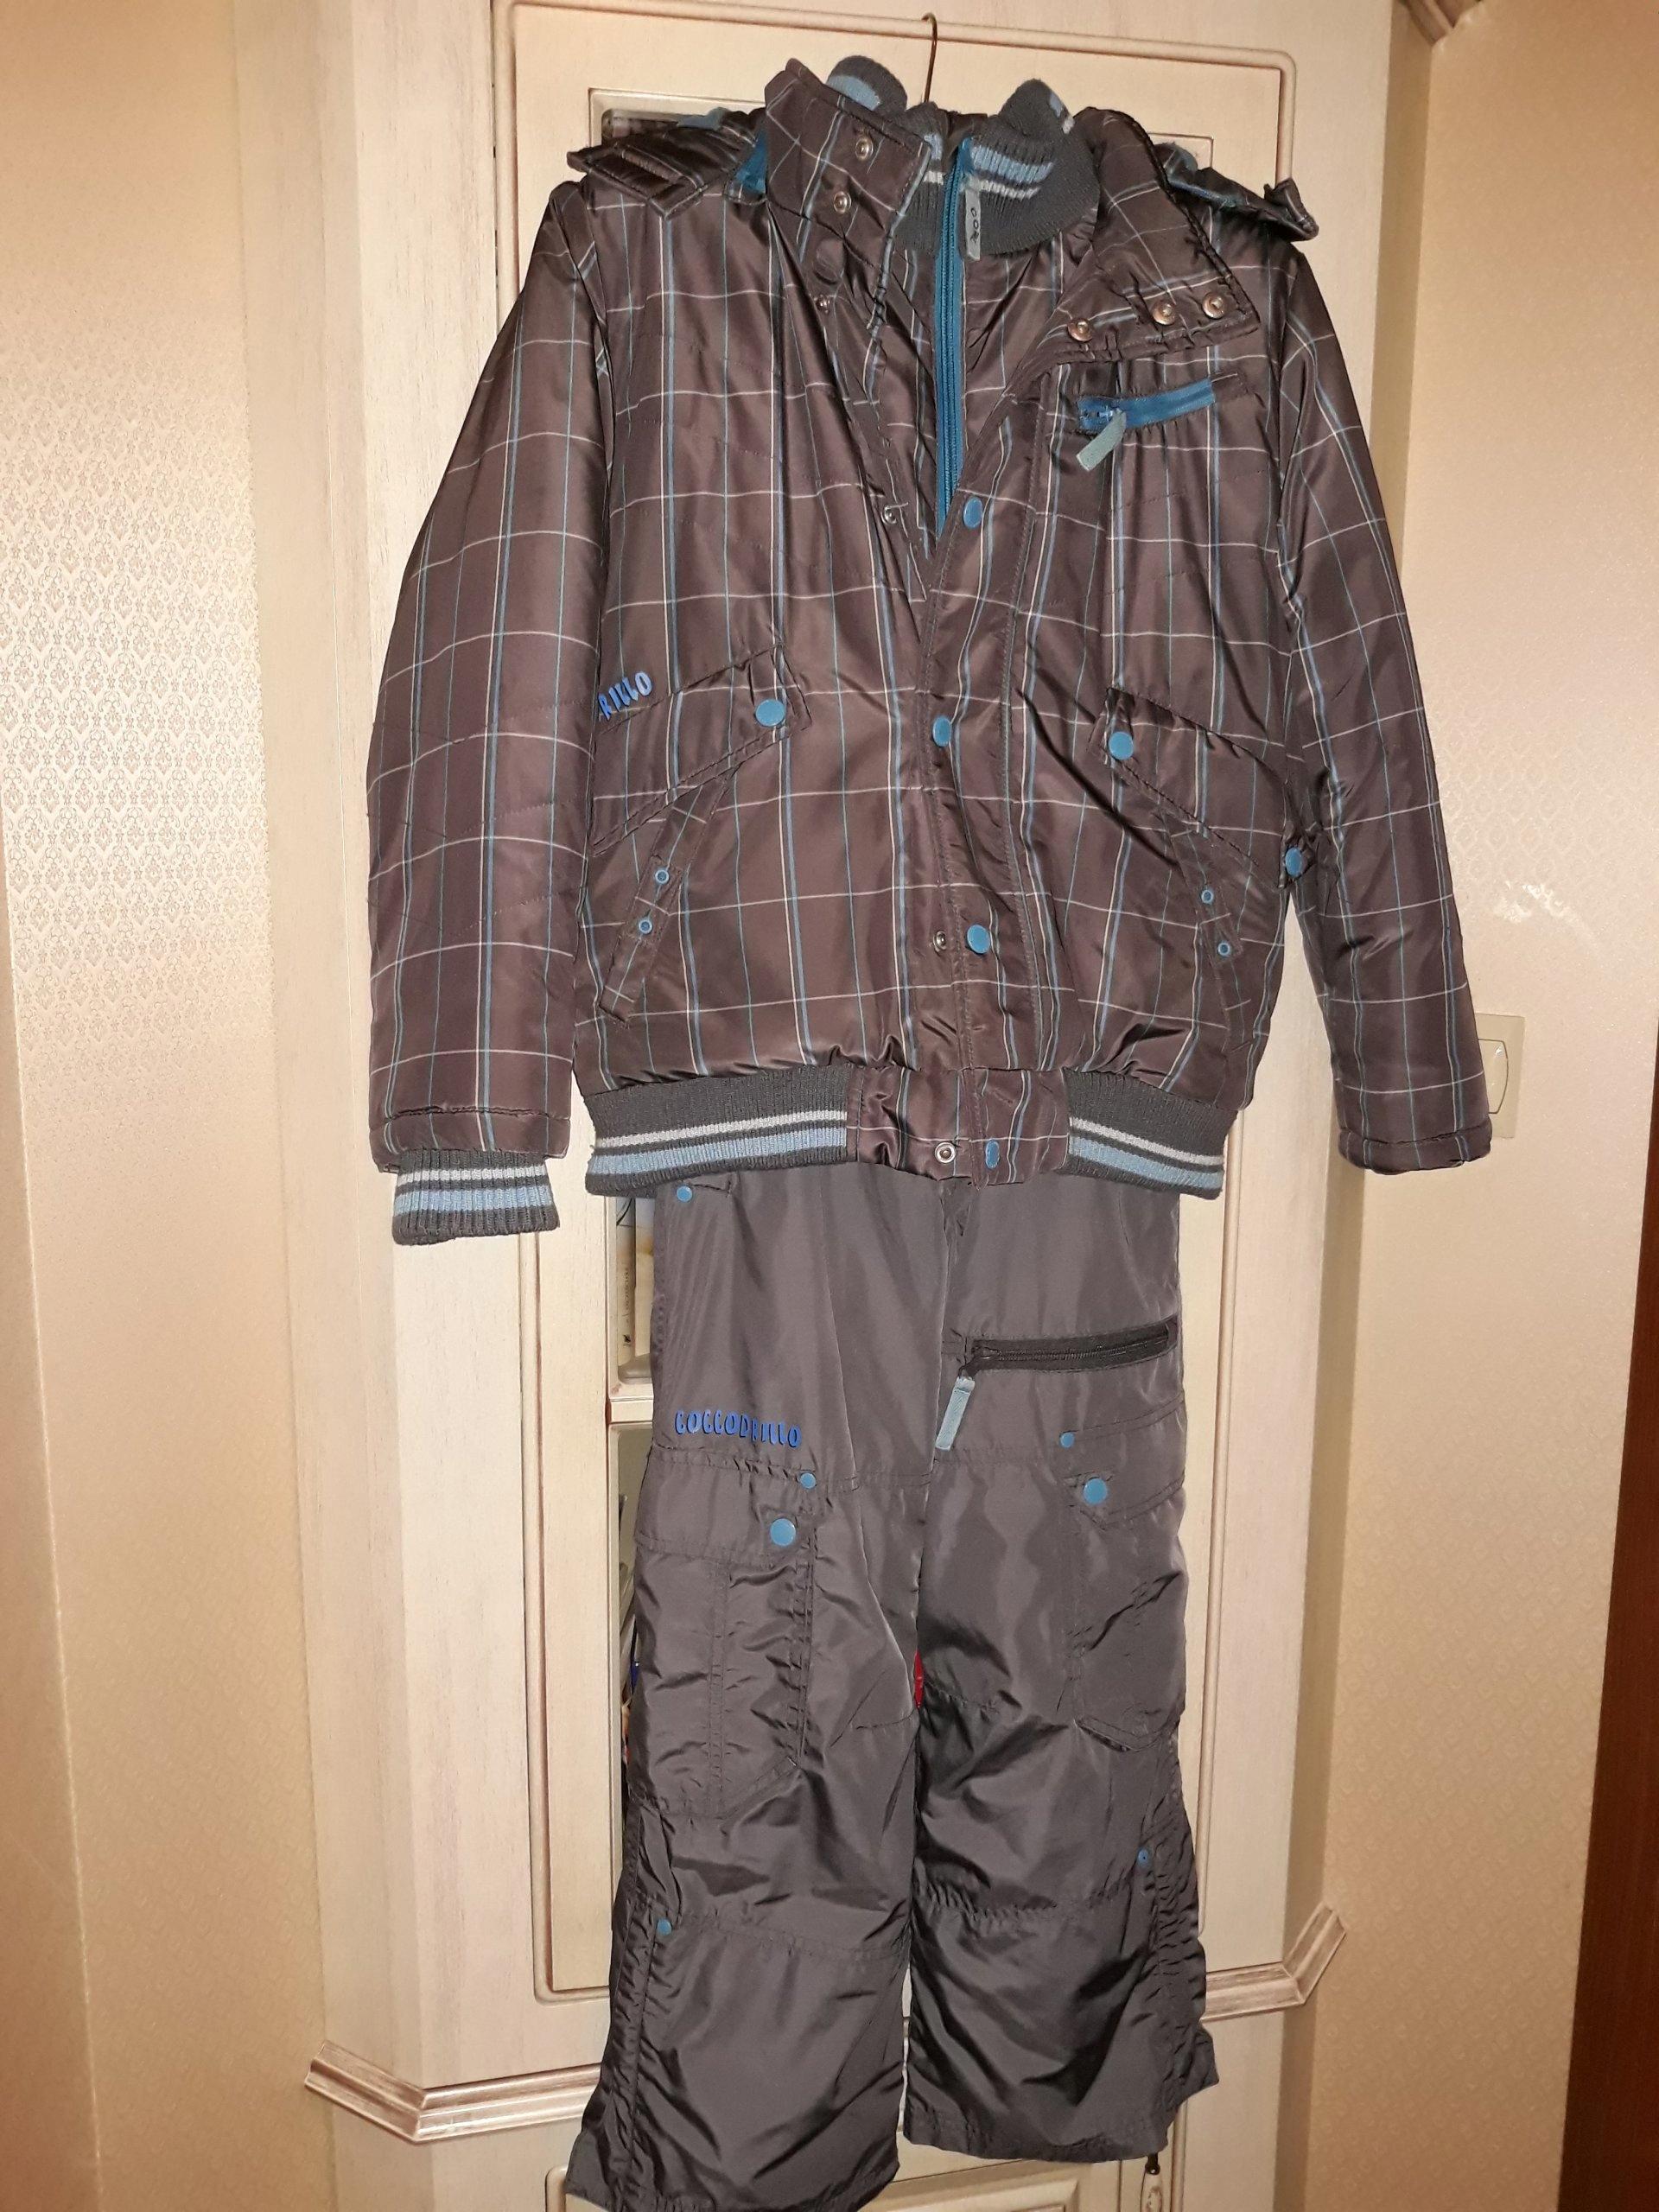 58ab0868521bf Kurtka i spodnie chłopięce COCCODRILLO roz. 134 - 7160298632 ...